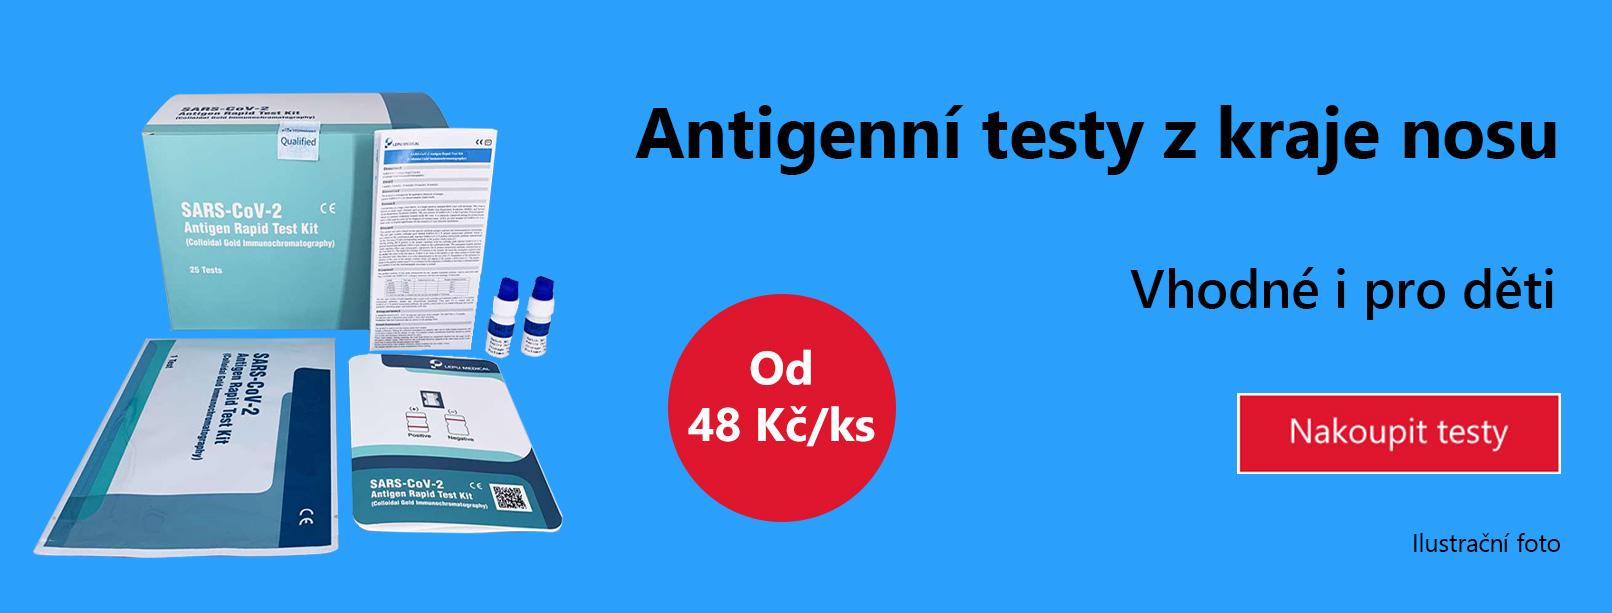 Antigenní test z kraje nosu